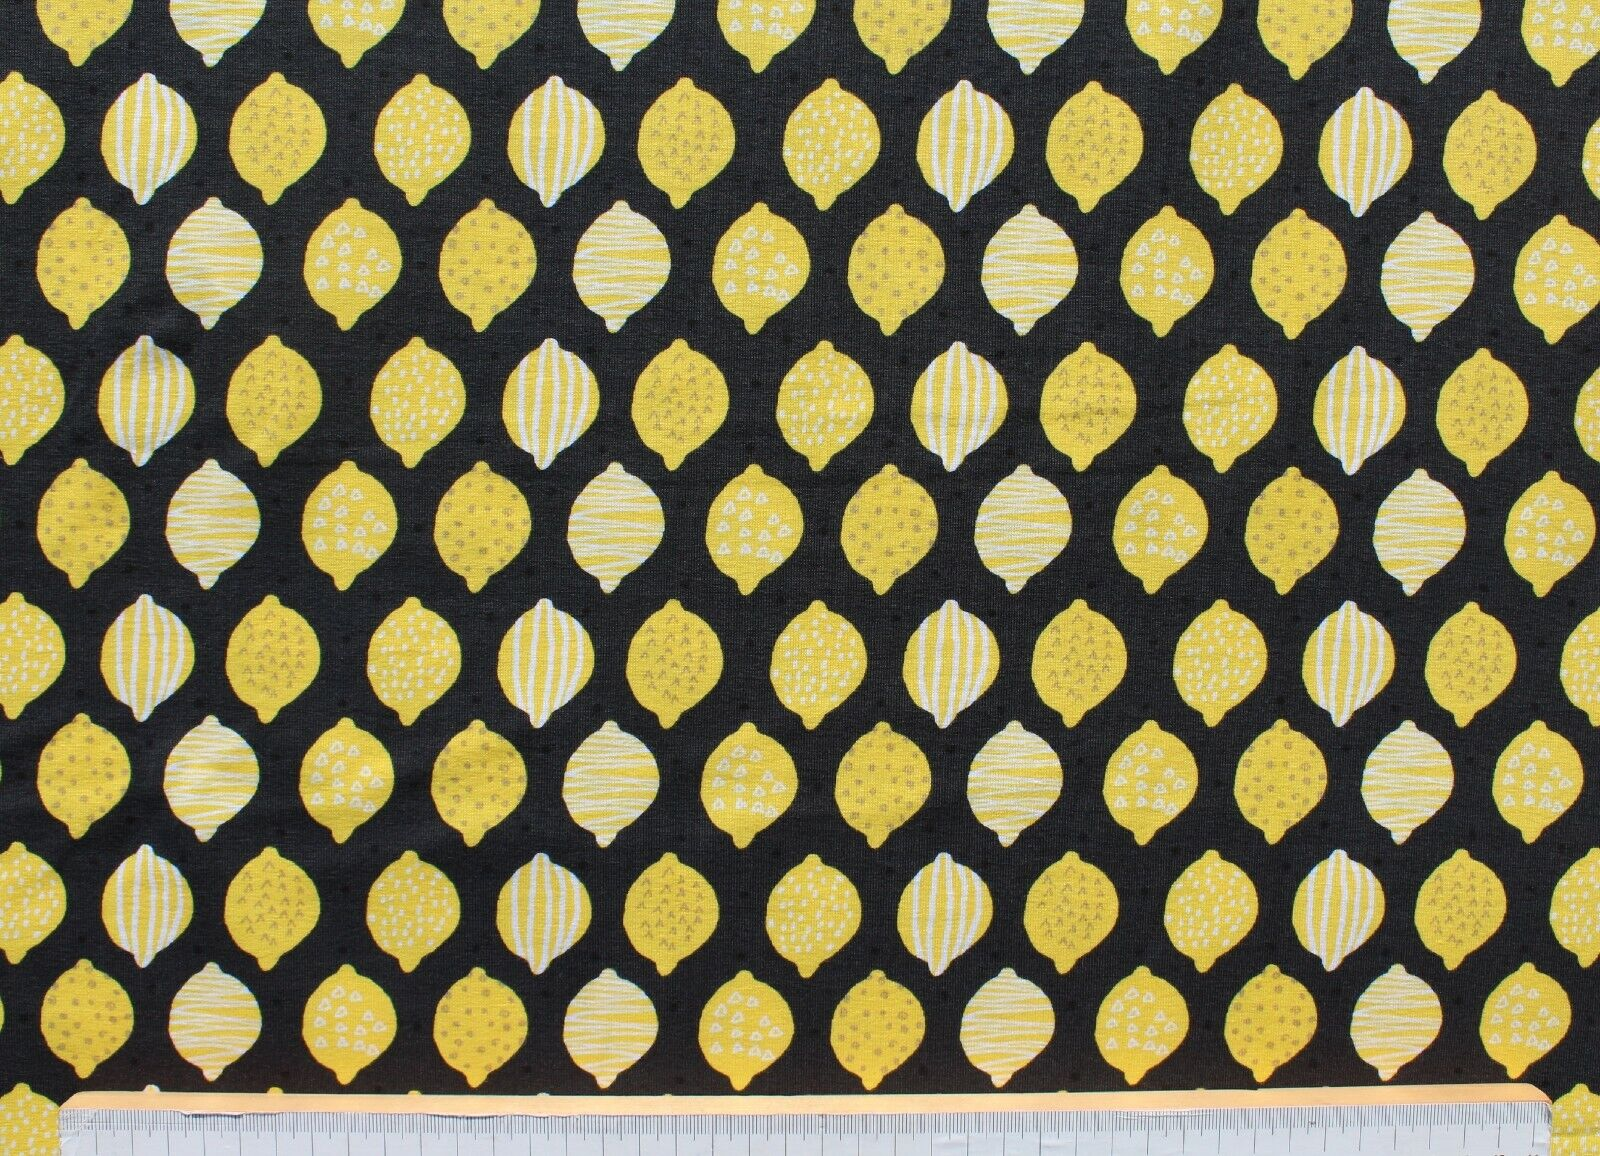 Baumwolle Jersey Stoff, Duftstoff, Hemmers Itex, Zitronen, schwarz / gelb, 145cm